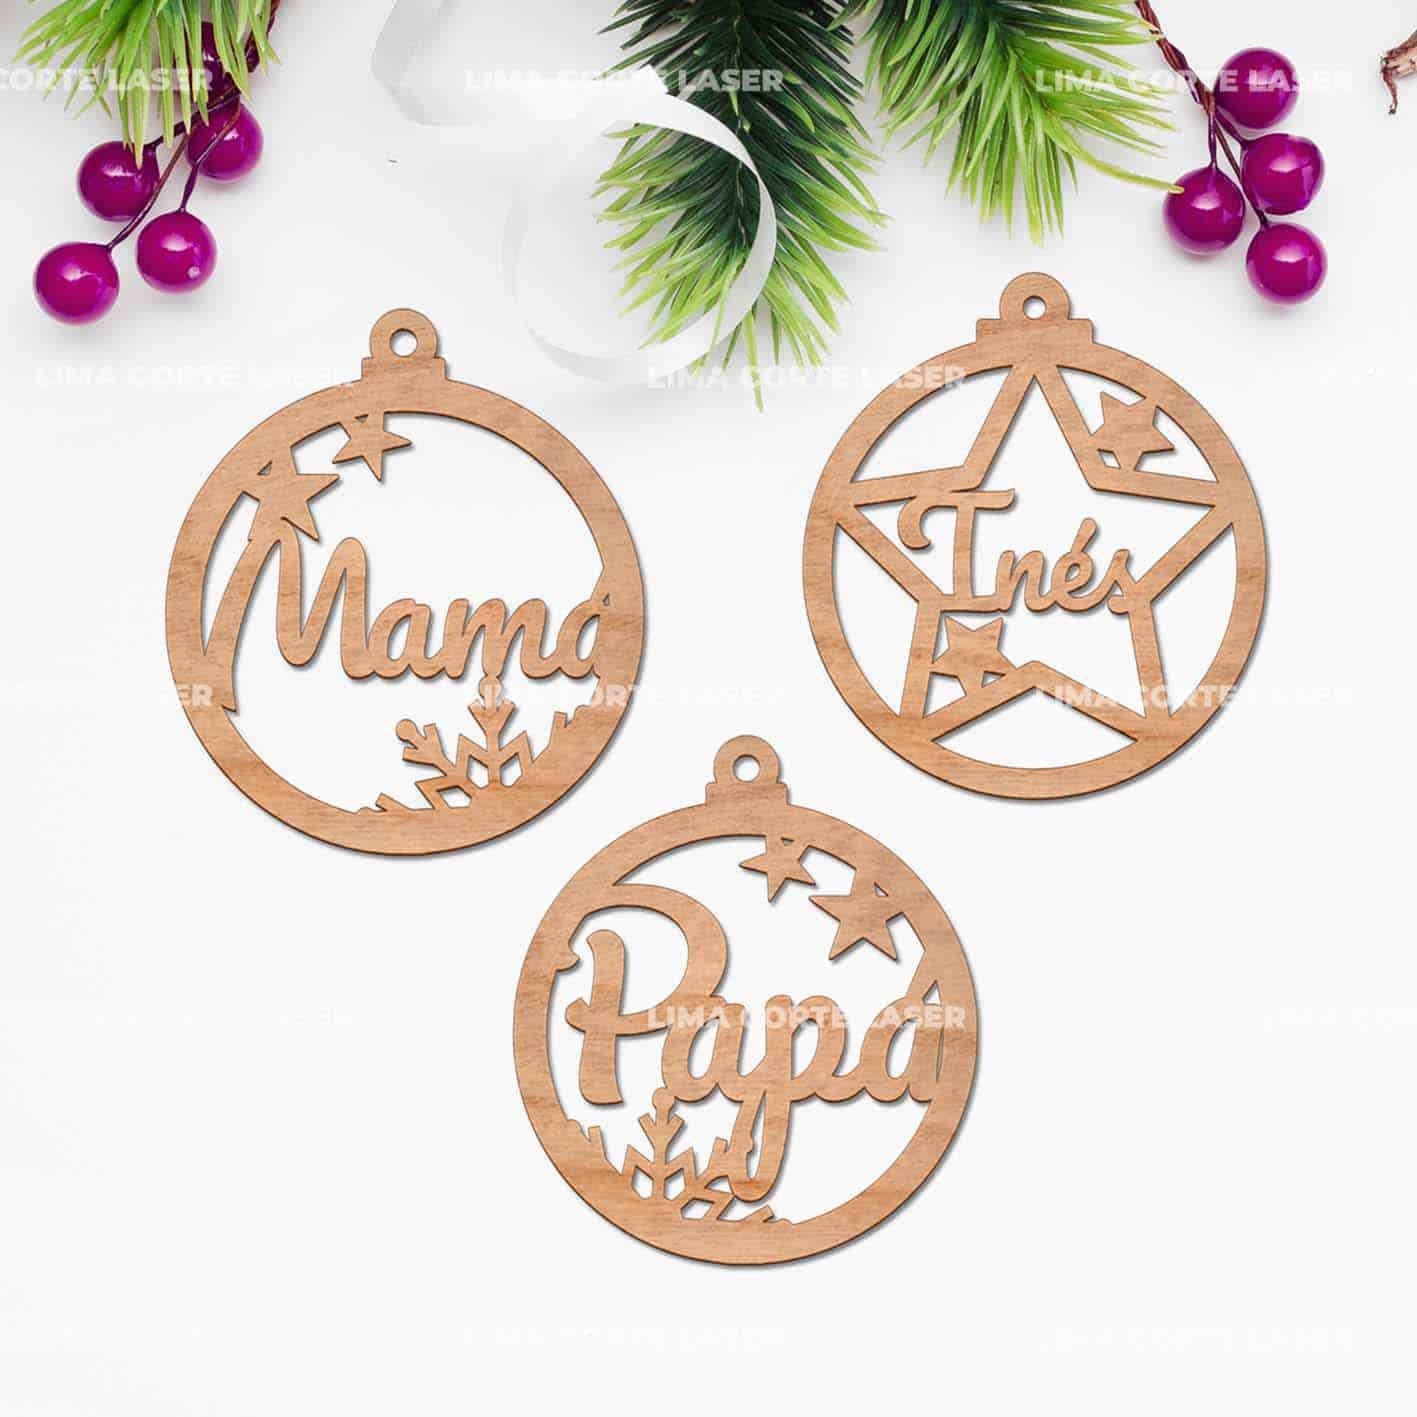 Bolas de navidad personalizadas de madera con nombres Mamá Inés y Papá